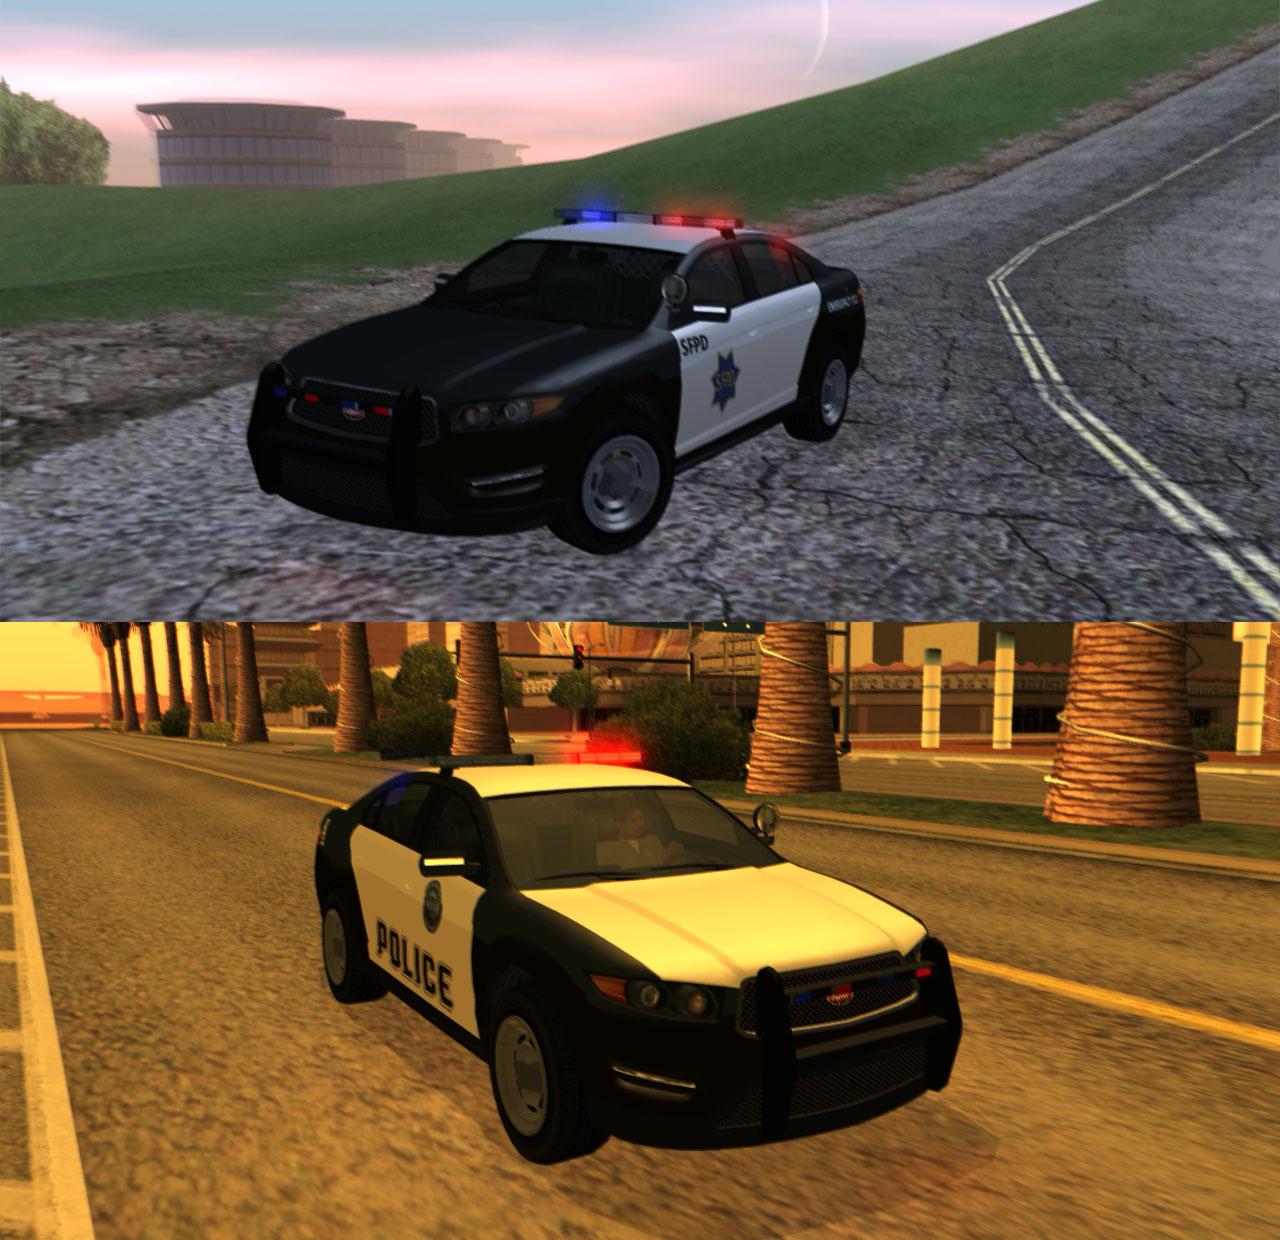 M4k3 Mods: [REL] GTA V Vapid Police Interceptor V2